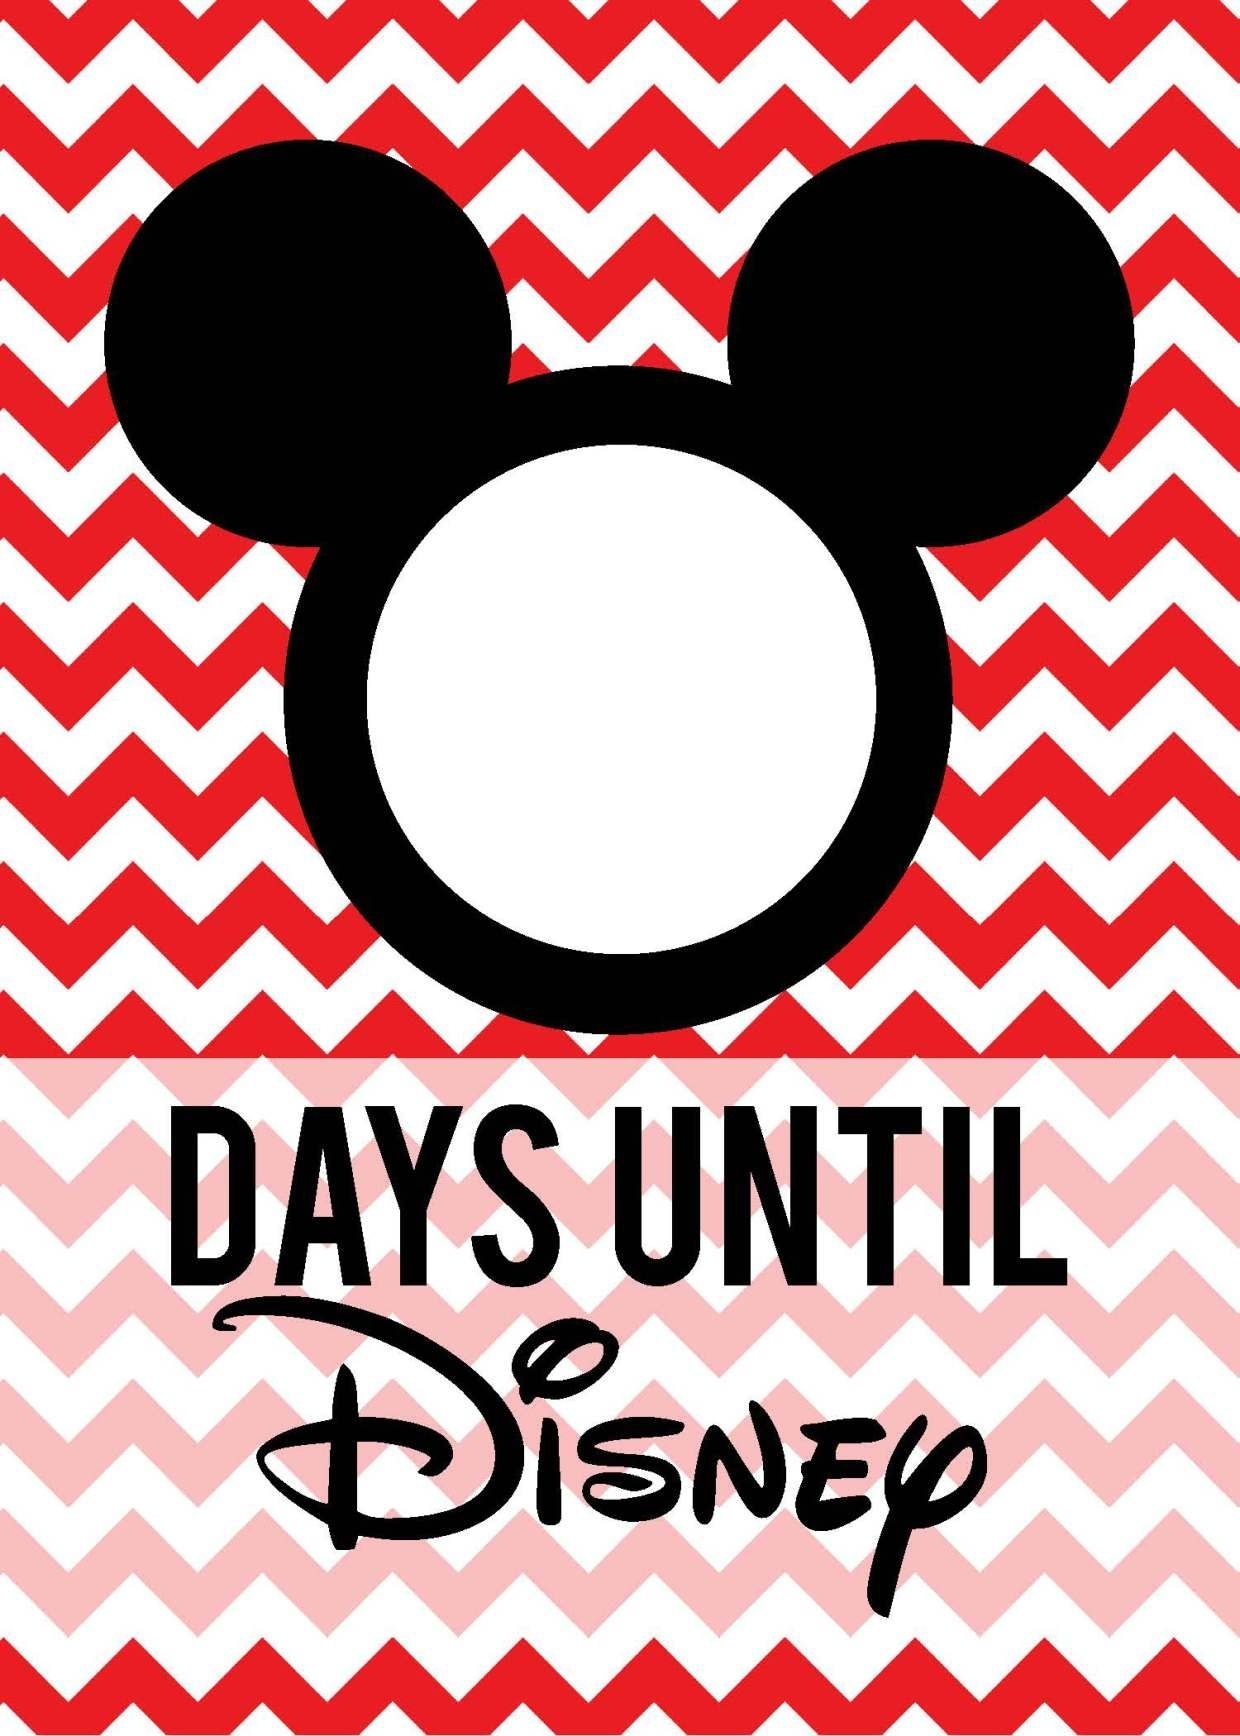 Free Download: Countdown To Disney   Disney Countdown Printable Count Down To Disney